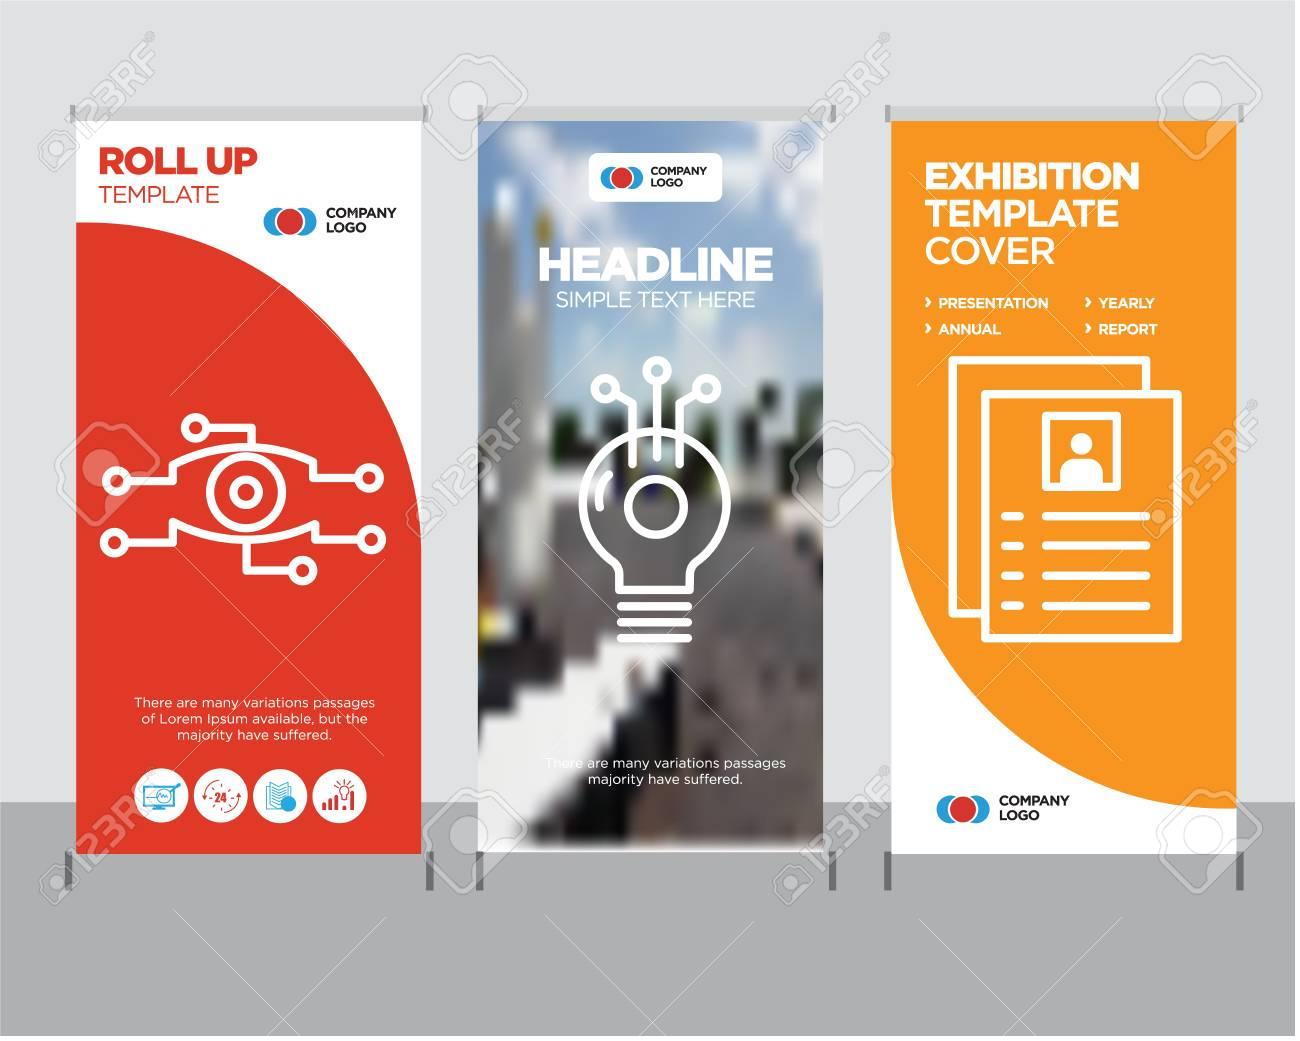 Flyer modern business roll up banner design template, Idea creative